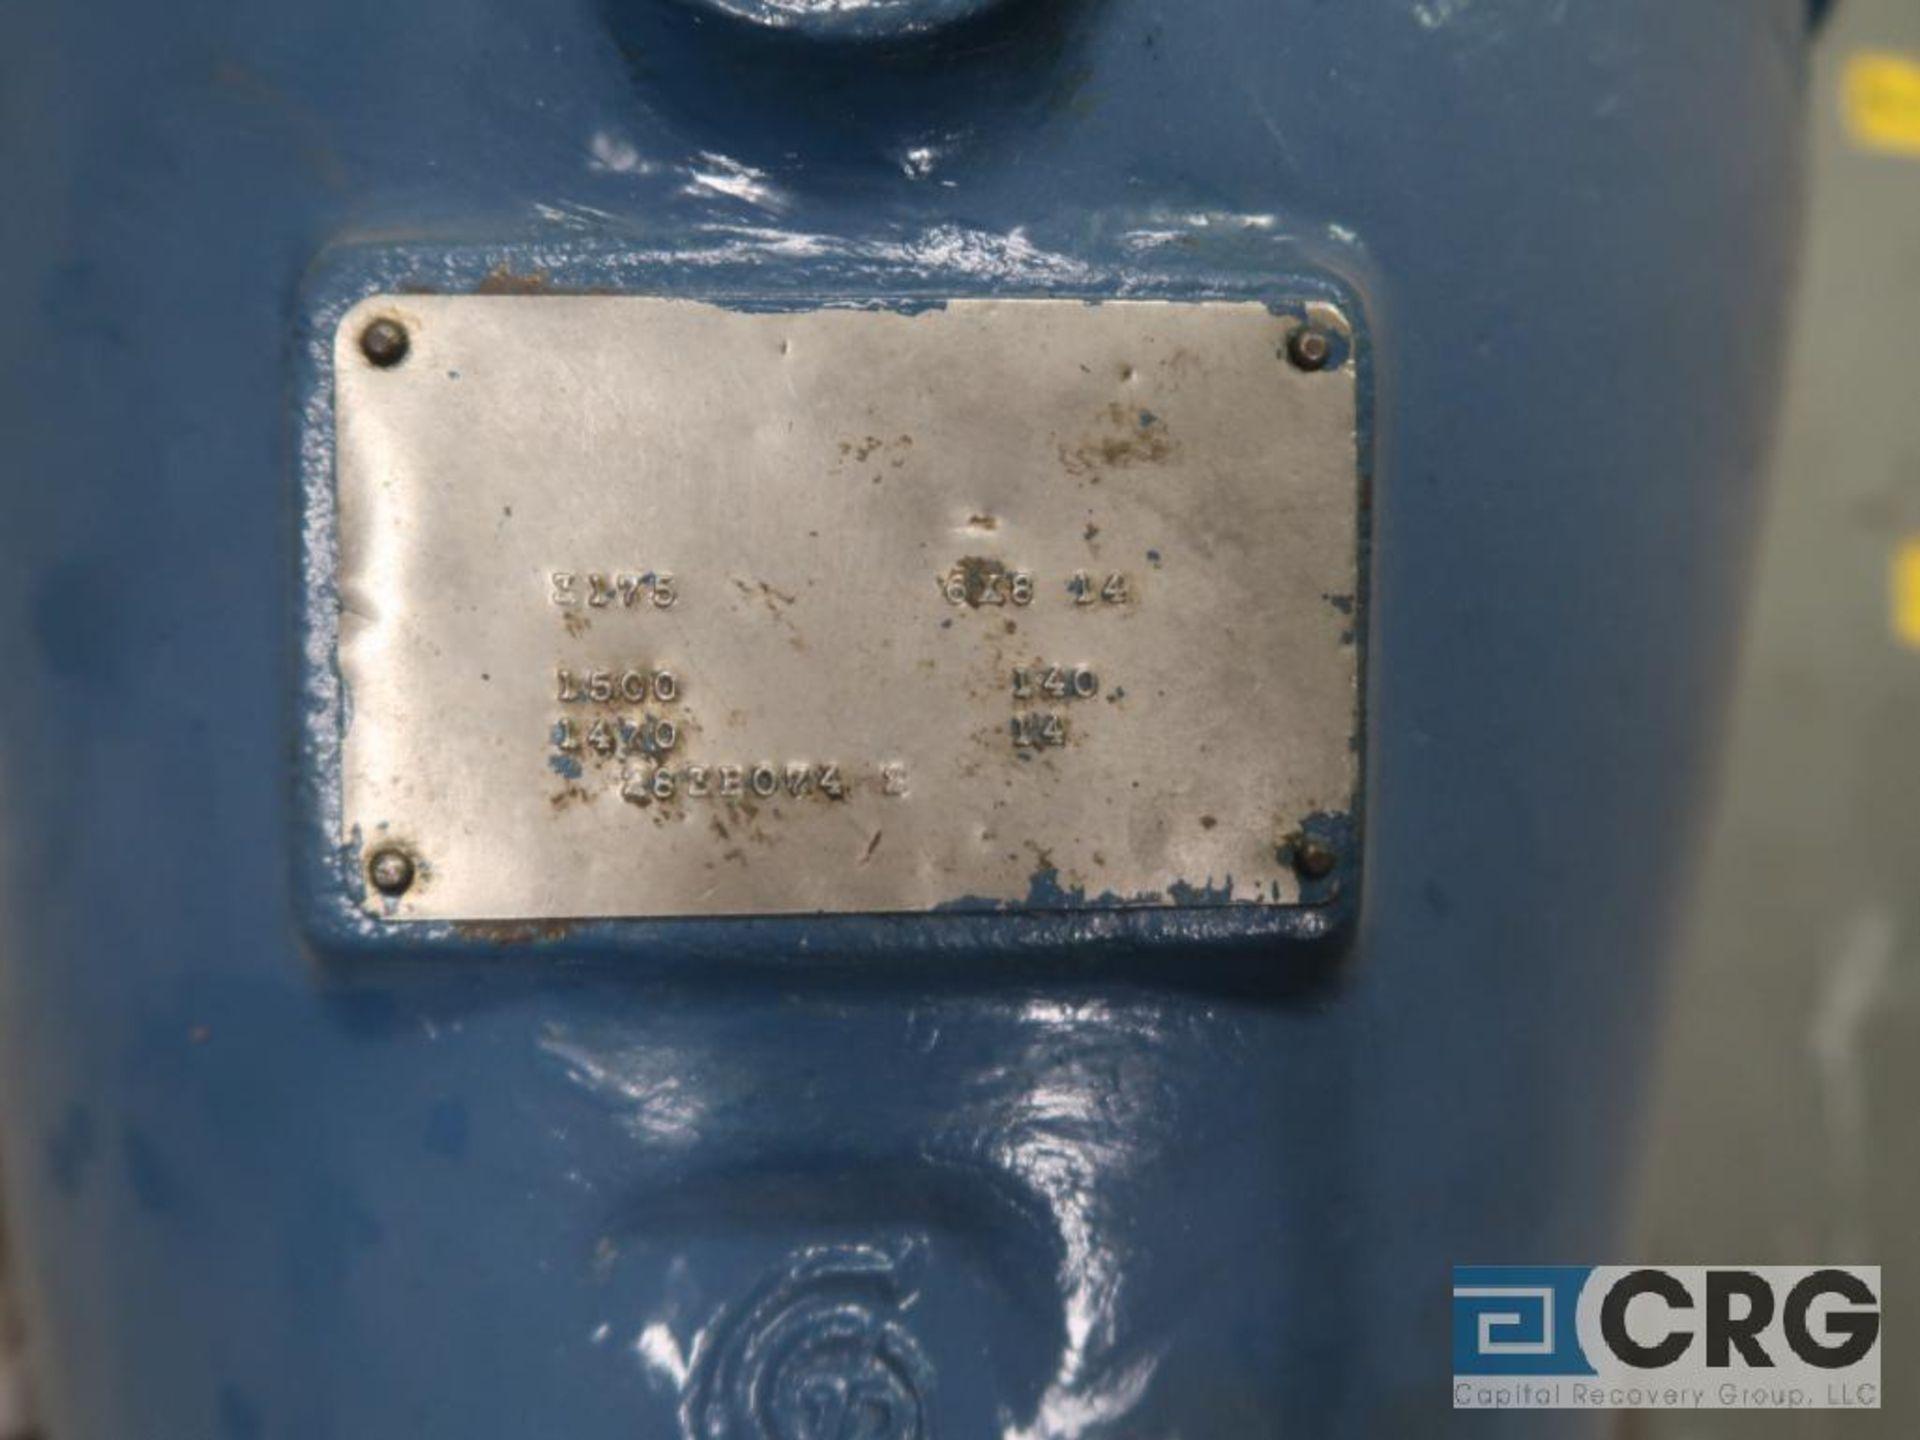 Warren 3202 16 in. pump (Basement Stores) - Image 2 of 2